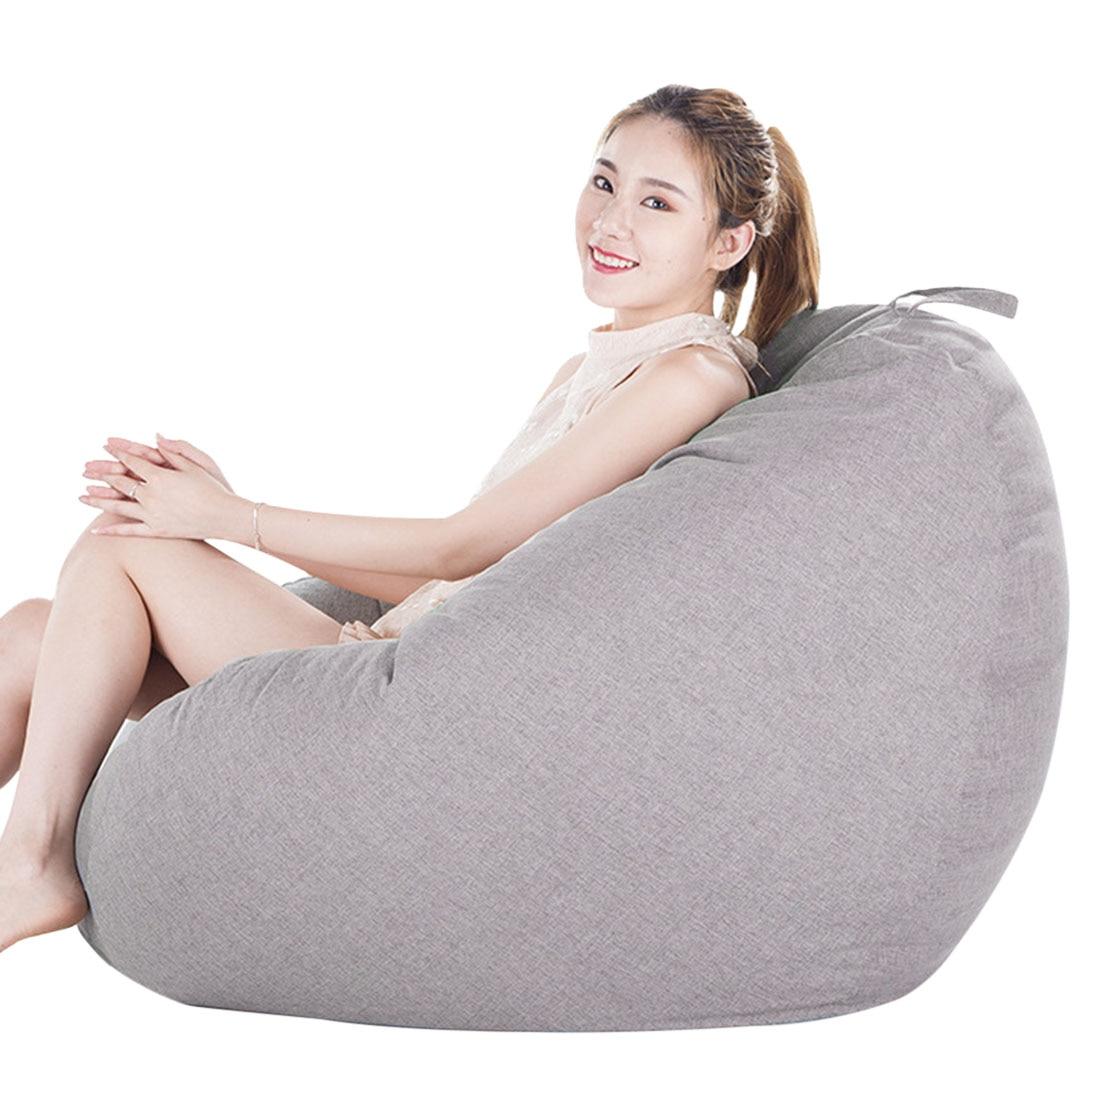 Диваны-мешки для малыша взрослых Гостиная ленивый диван стул детей Спальня расслабиться в шезлонге кресло мешок Гостиная bean bag Диван